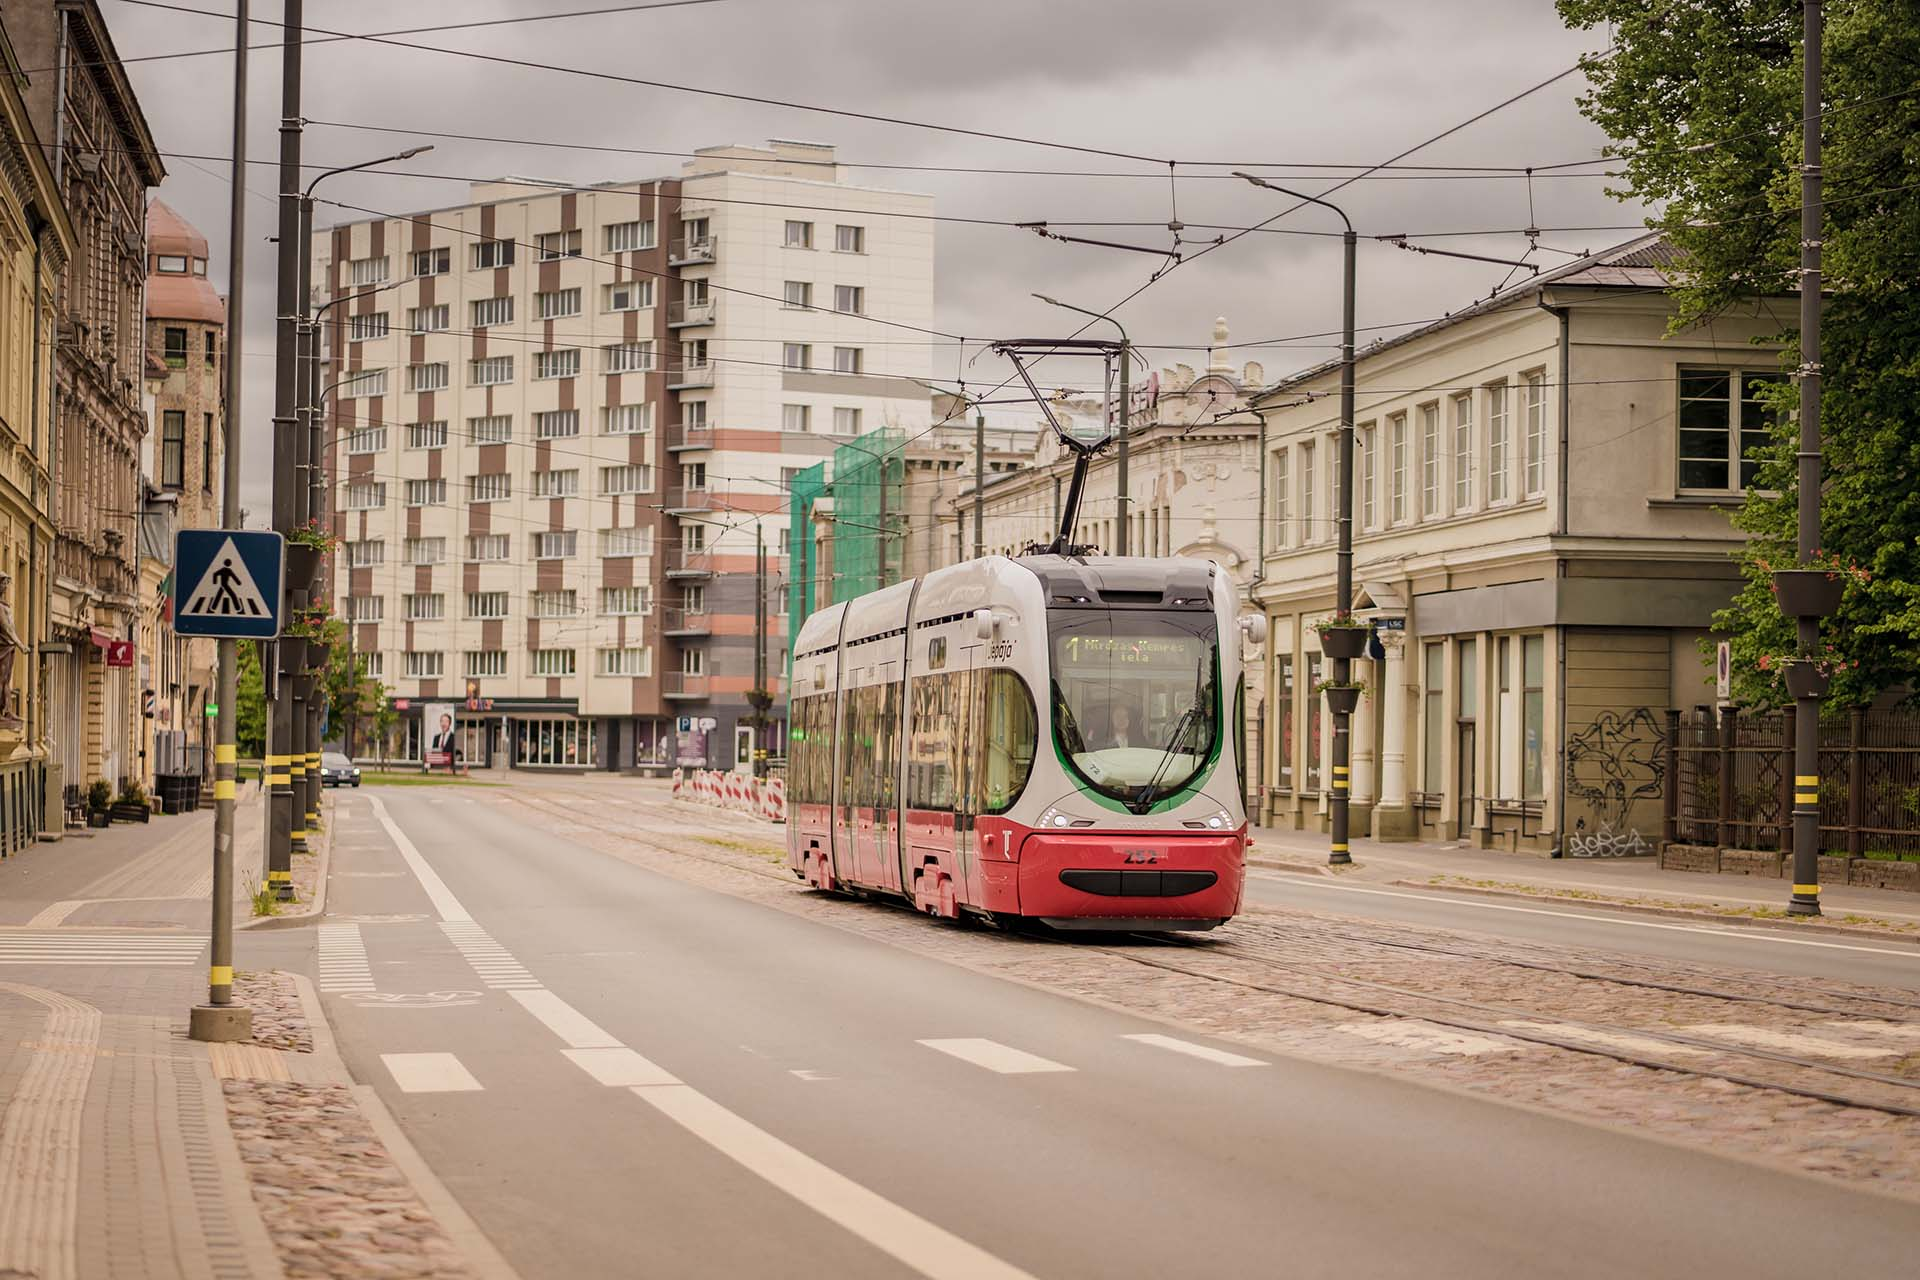 Jaunais tramvajs Lielajā ielā